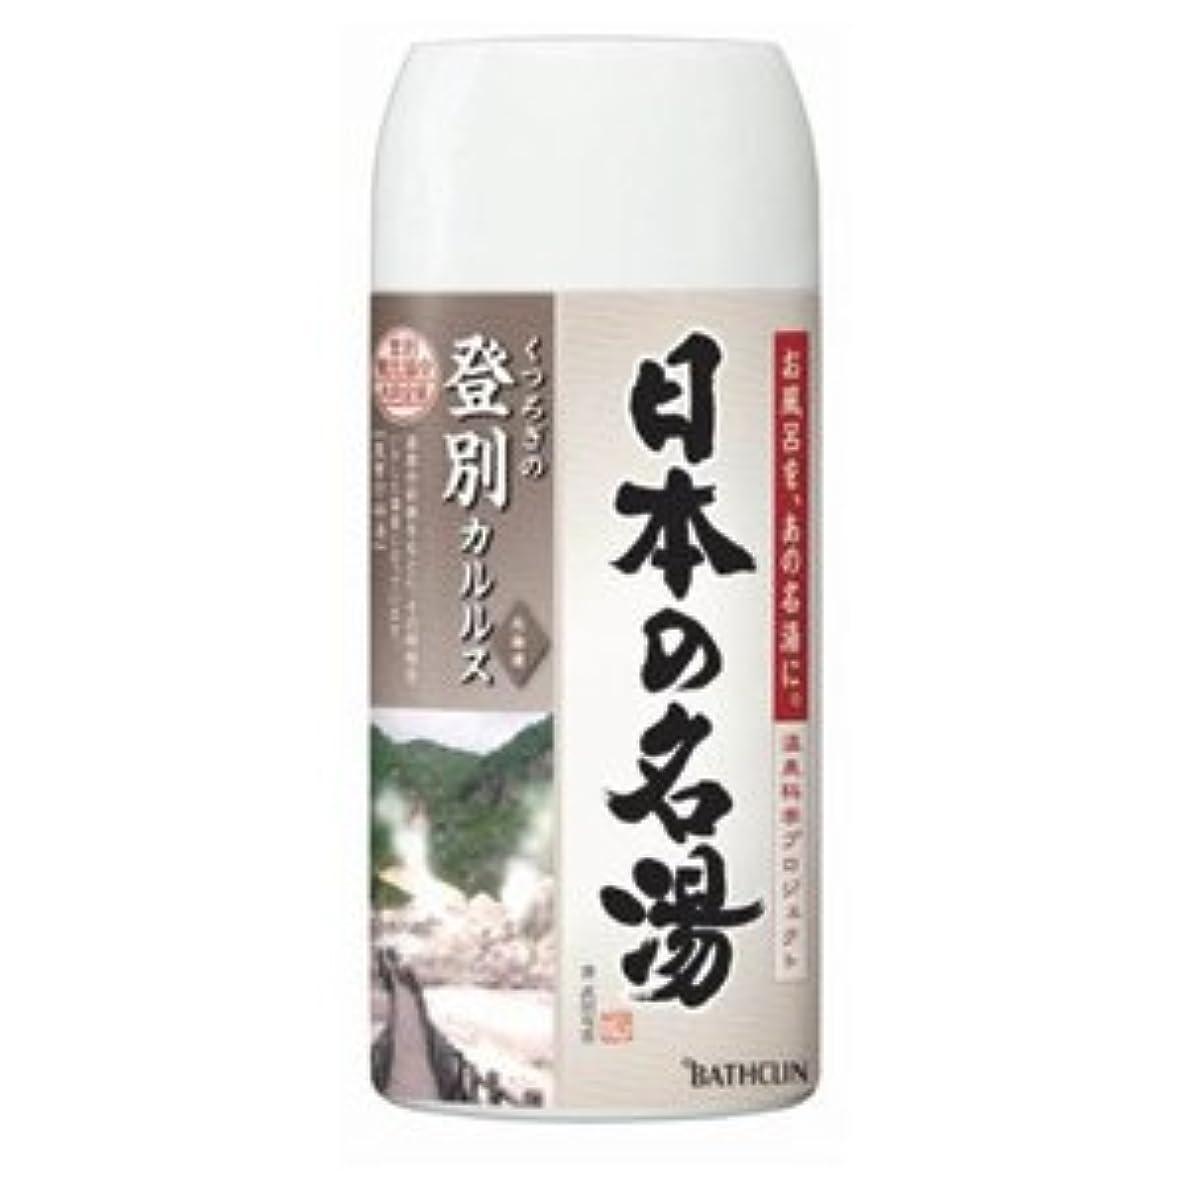 草によると飛び込むバスクリン 日本の名湯 登別カルルス 450g 薬用入浴剤 澄み切った大気の香り 医薬部外品 (お風呂?バス用品)×12点セット (4548514135246)